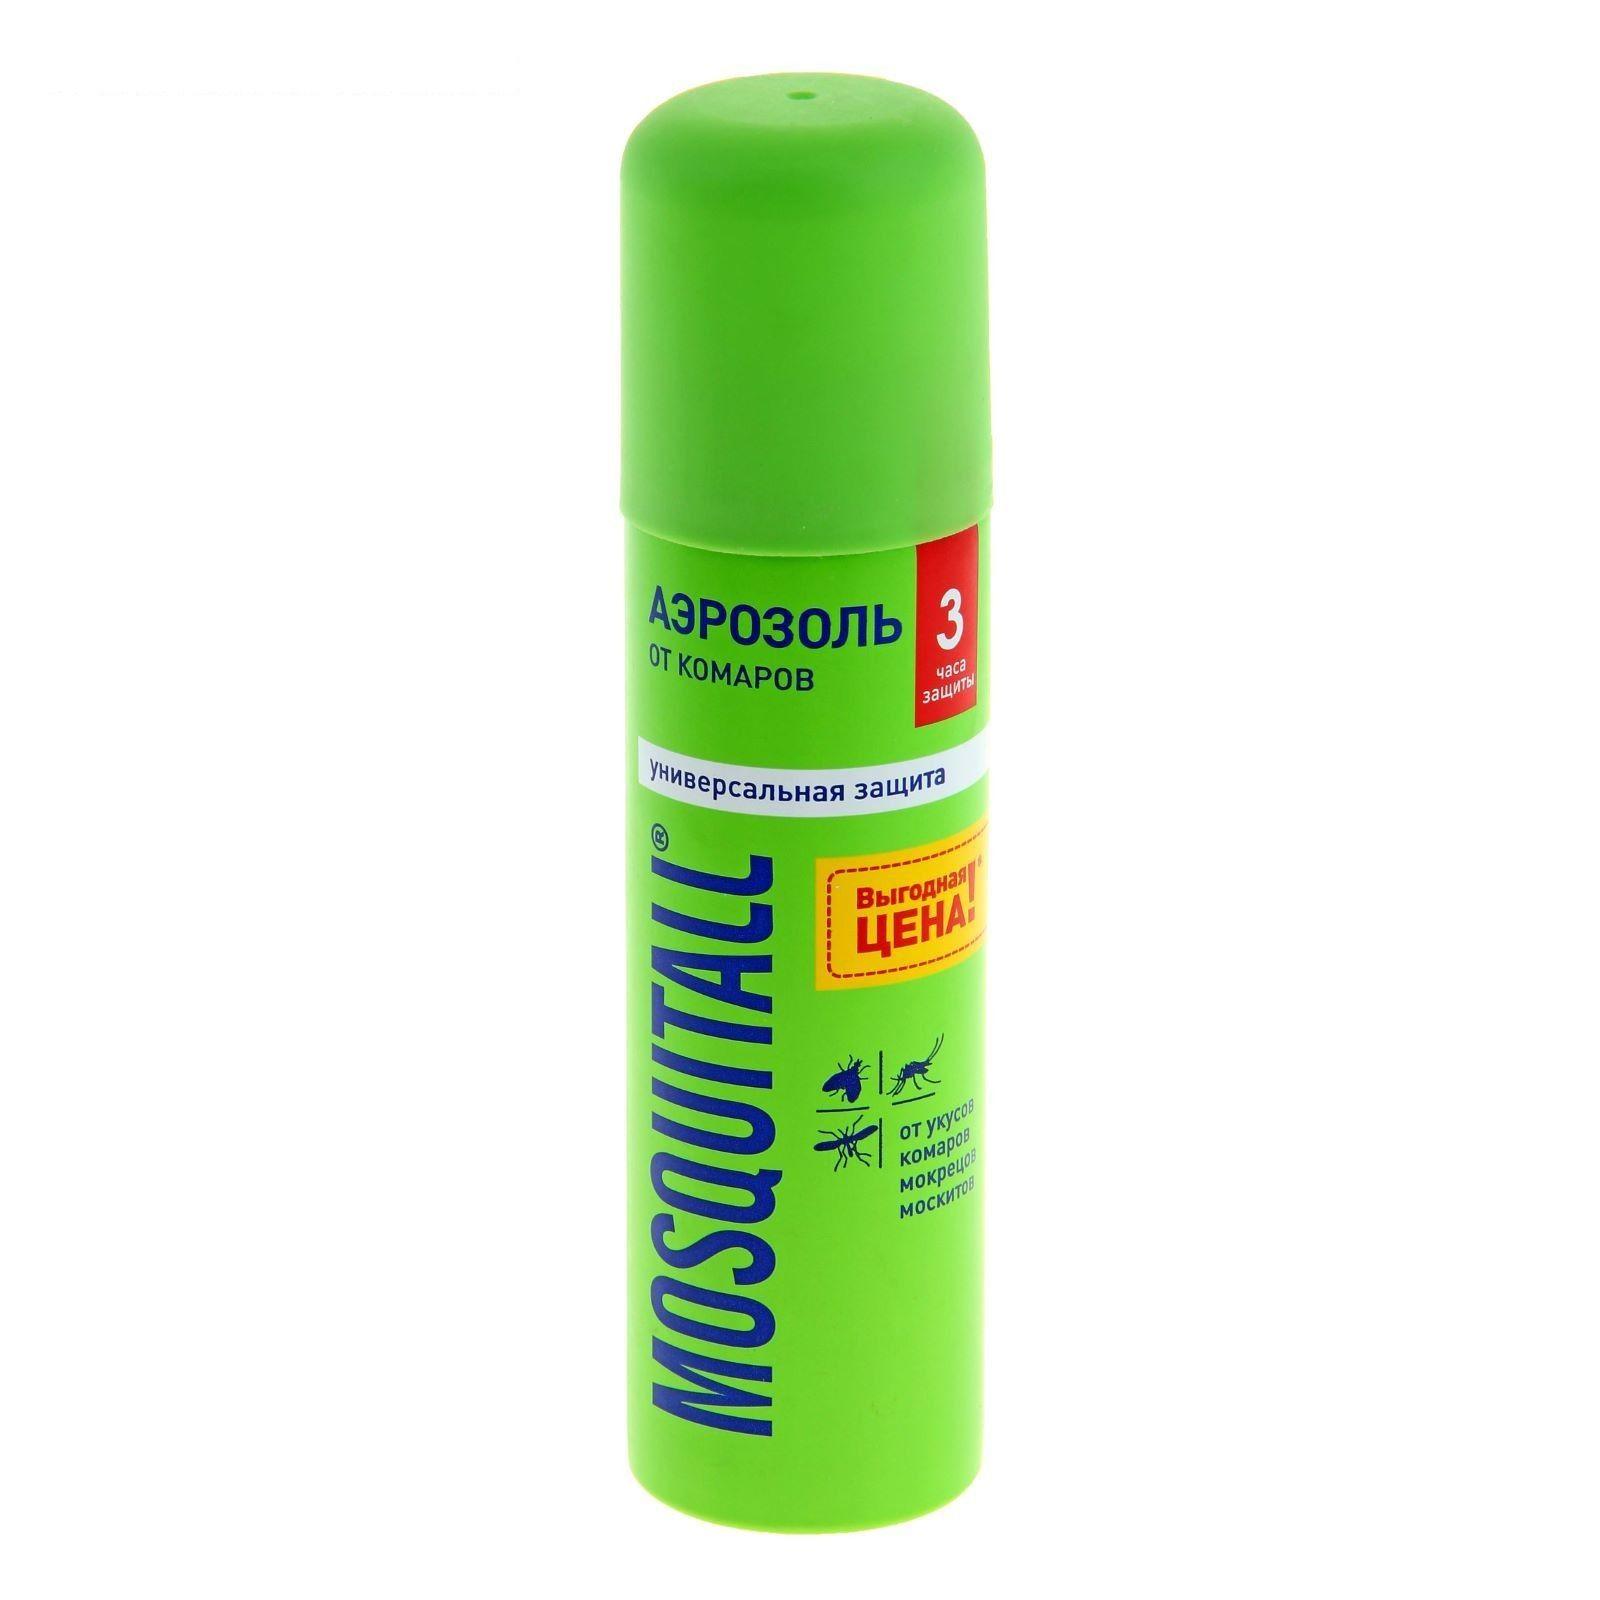 Mosquitall Универсальная защита аэрозоль, аэрозоль, на кожу, 150 мл, 1 шт.